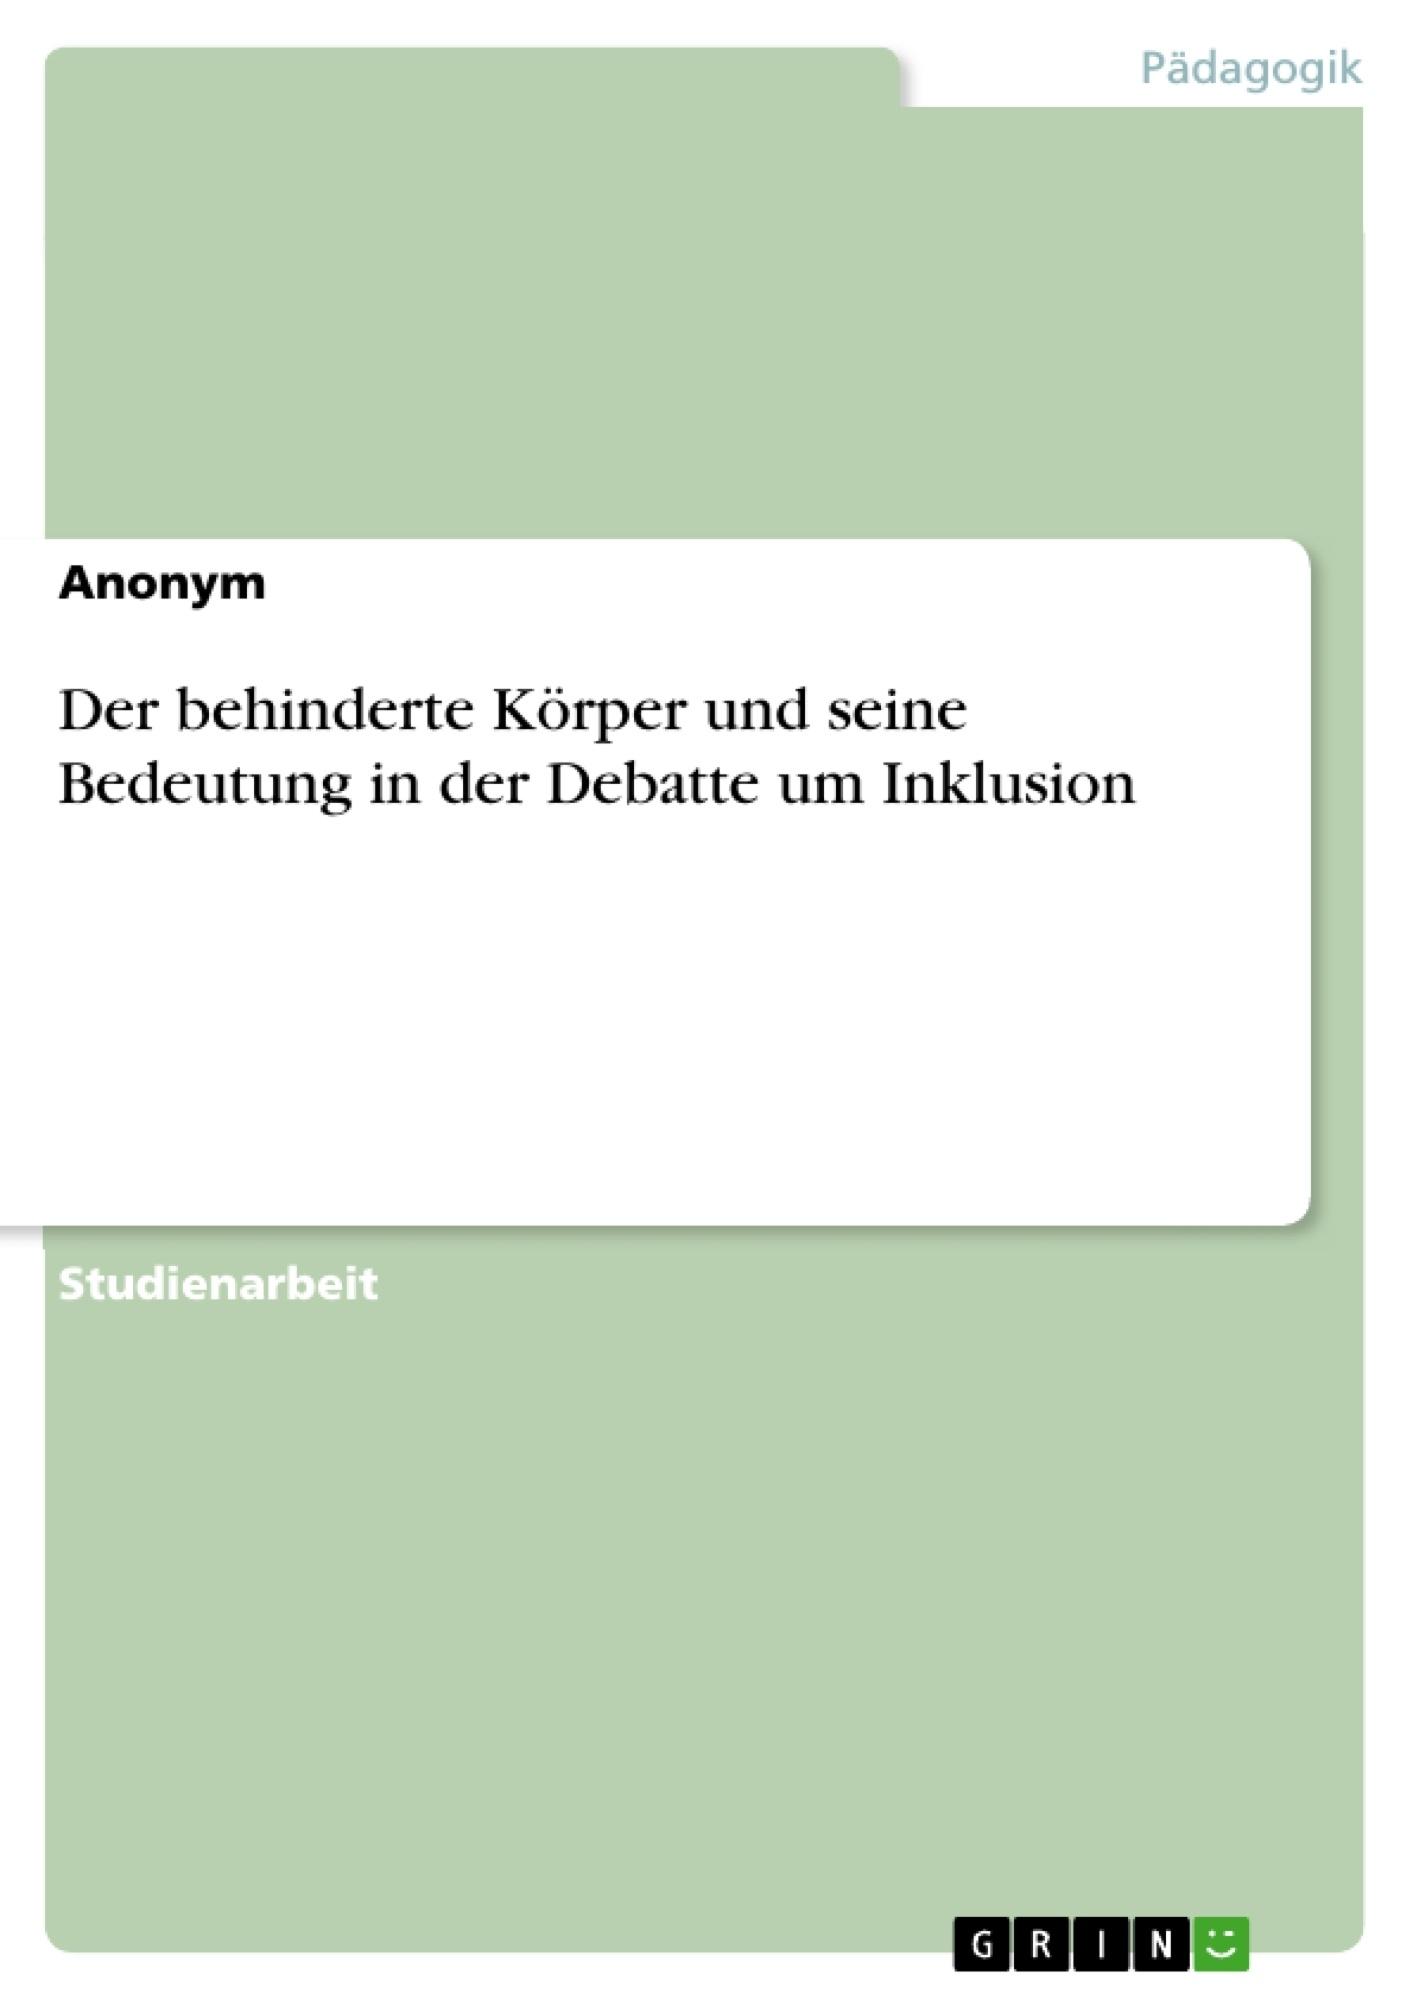 Titel: Der behinderte Körper und seine Bedeutung in der Debatte um Inklusion